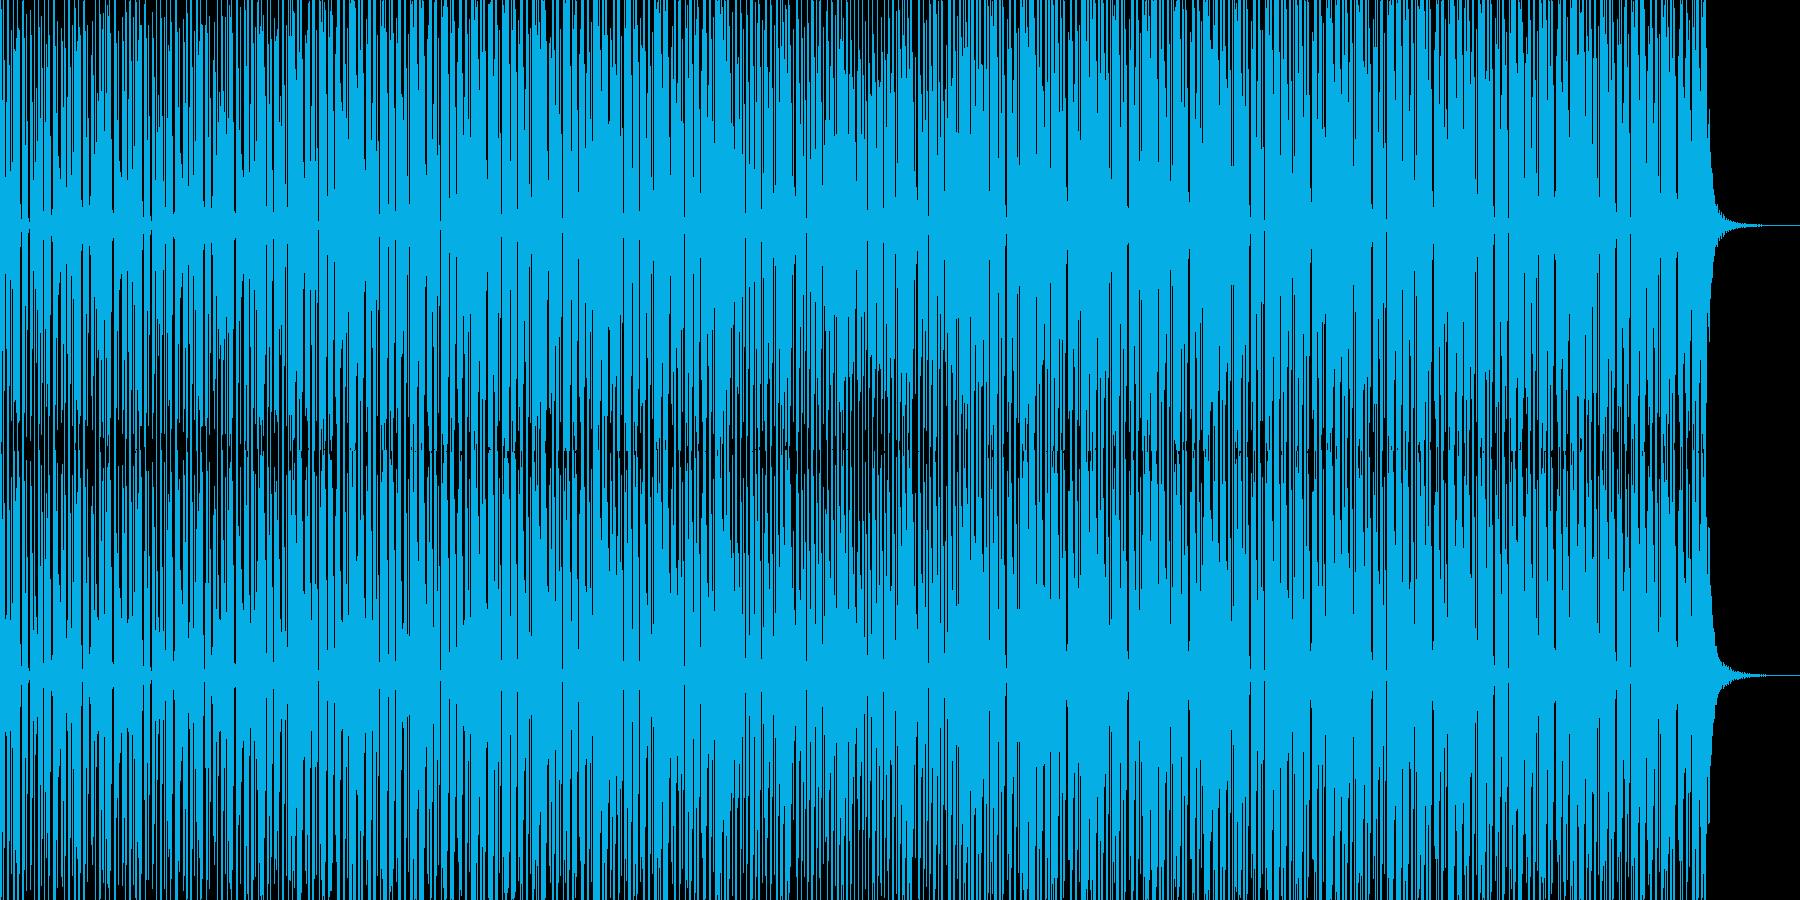 シンセティックハウスの再生済みの波形